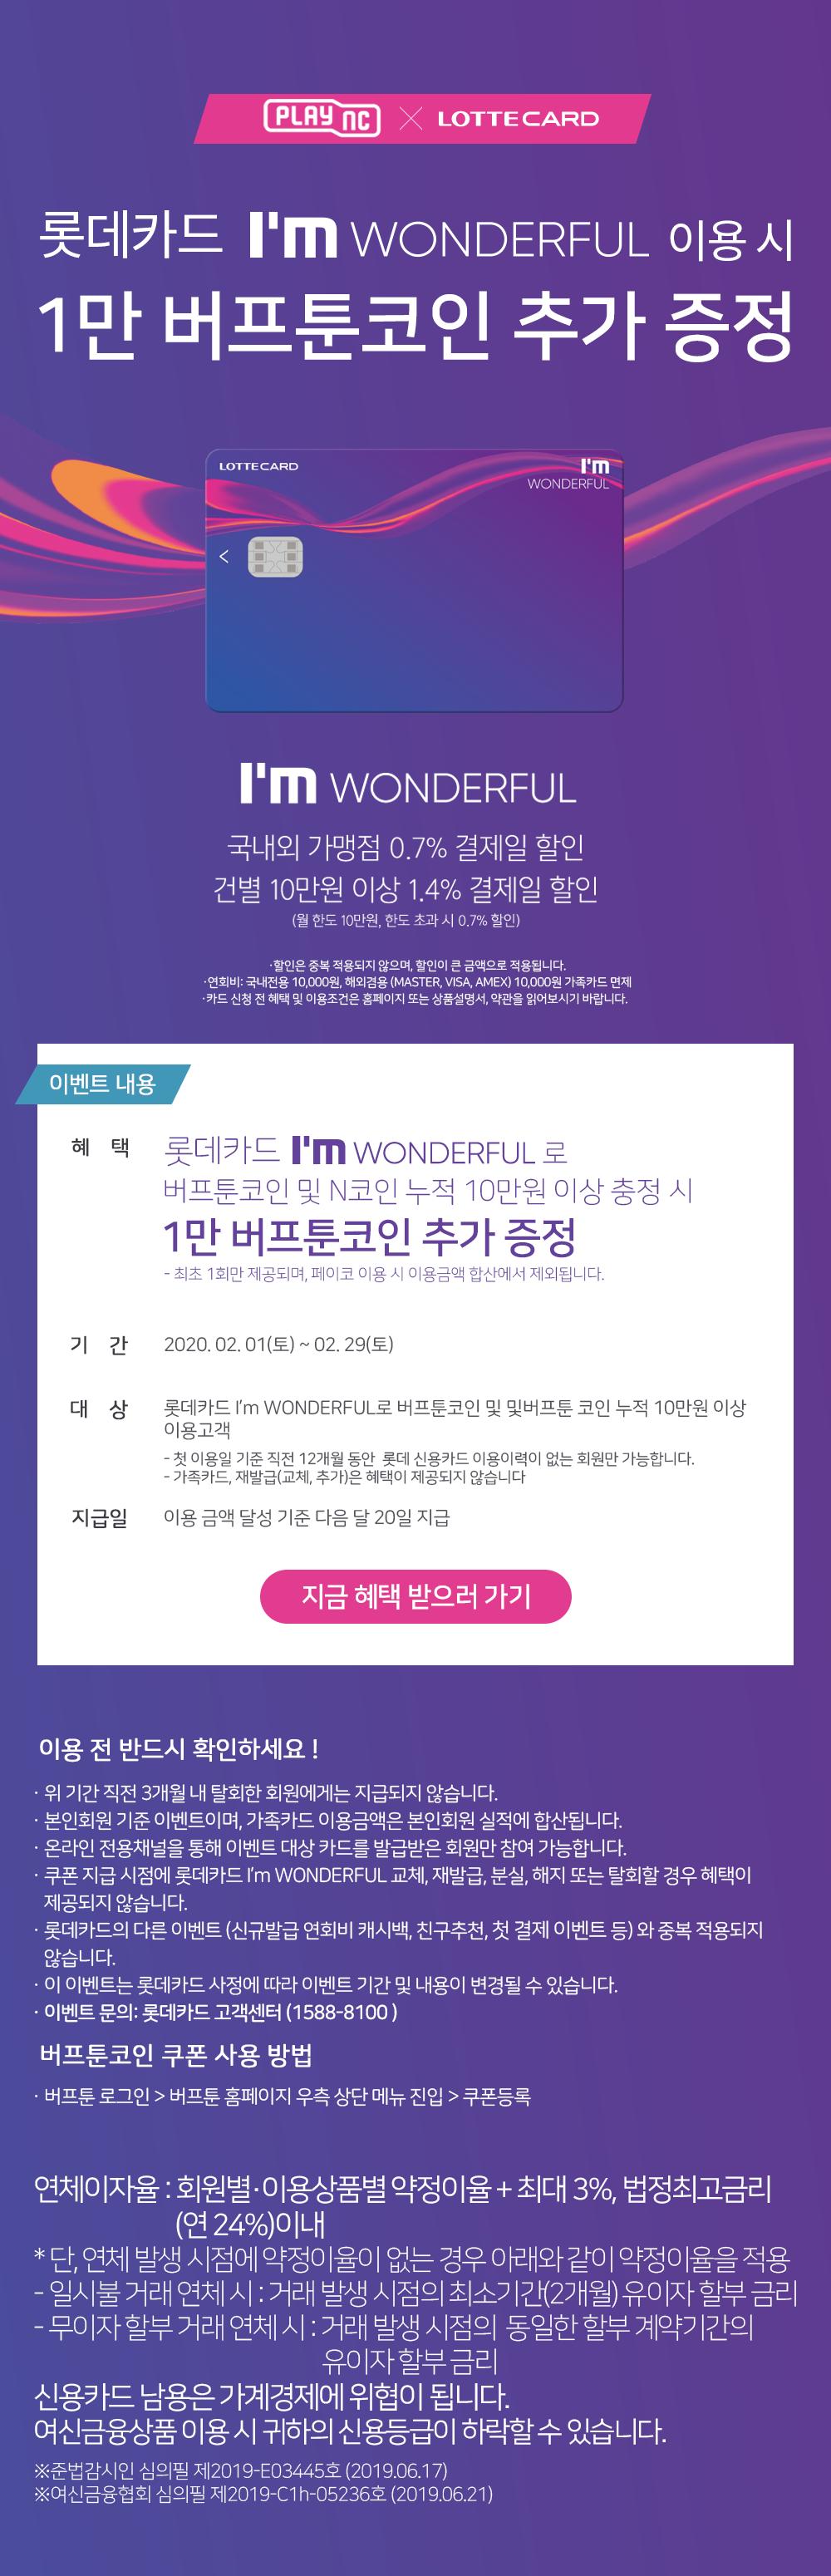 롯데카드 I'M WONDERFUL 이용 시 1만 버프툰코인 추가 증정